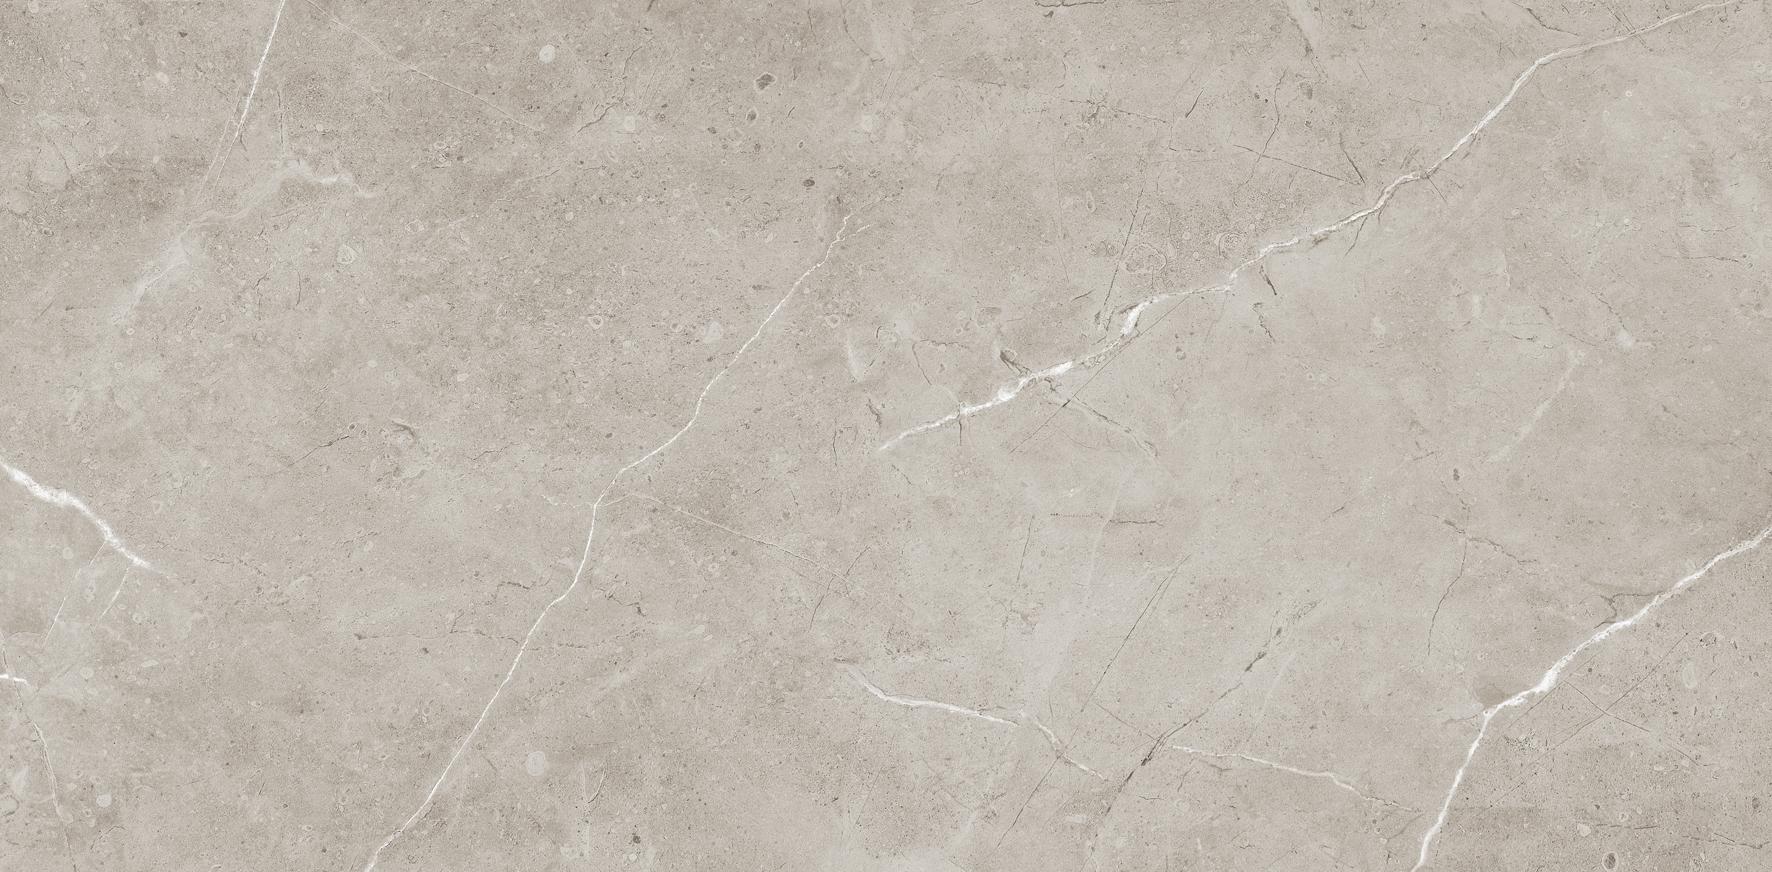 波尔卡 / CDL126616 / 600x1200mm / 柔光大理石